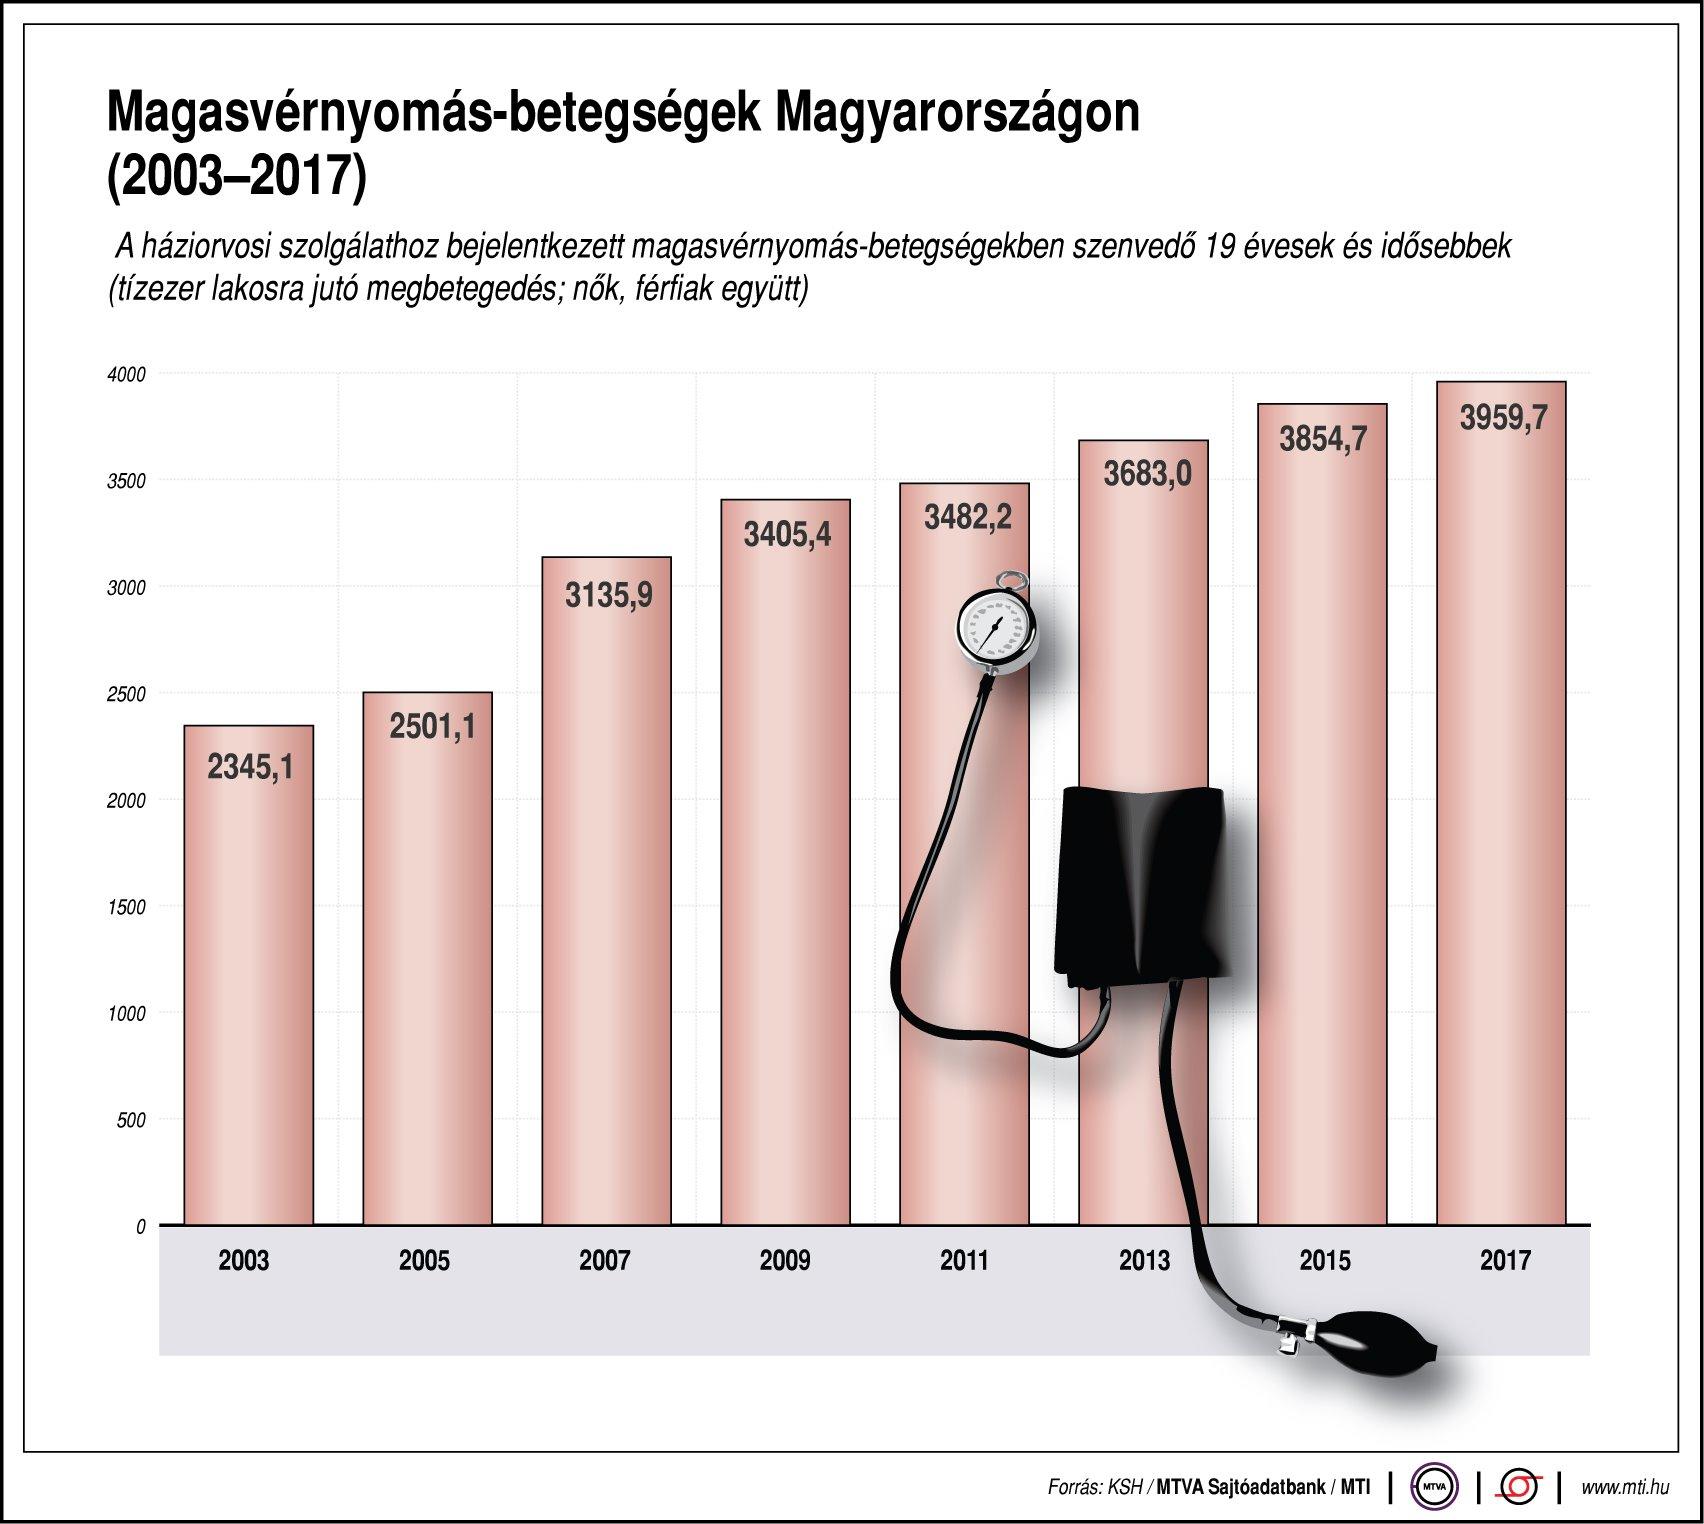 magas vérnyomásban szenvedők száma